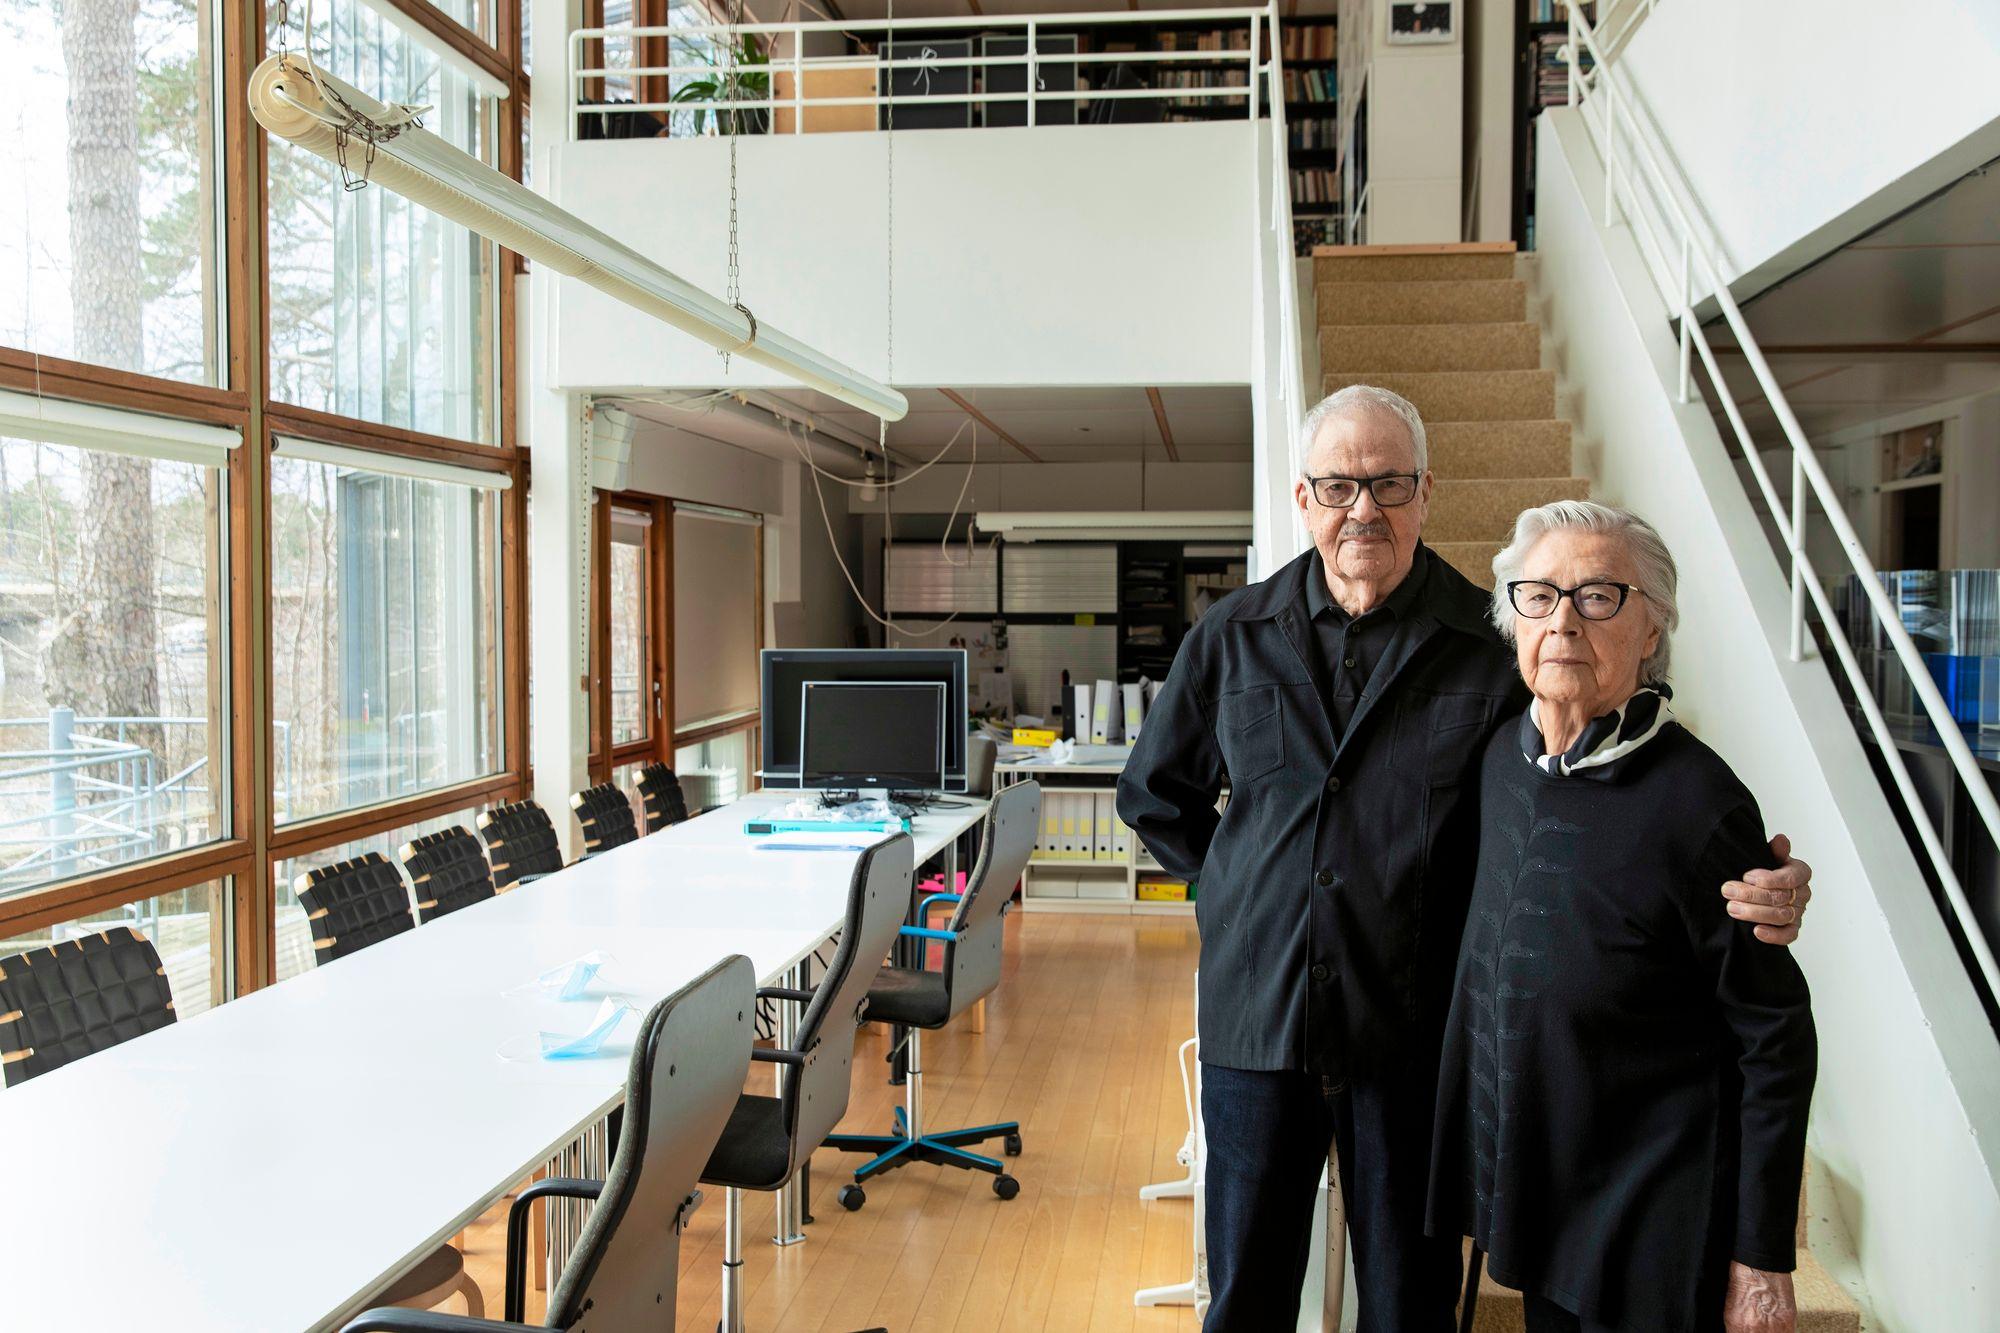 Pirkko, 92, ja Helmer, 91, Stenros suunnittelivat Vuorannan yhteistuumin. Myös heidän kotinsa on omaa käsialaa. Ikkunasta pilkottavat puut kuten Vuorannassakin. © Tommi Tuomi